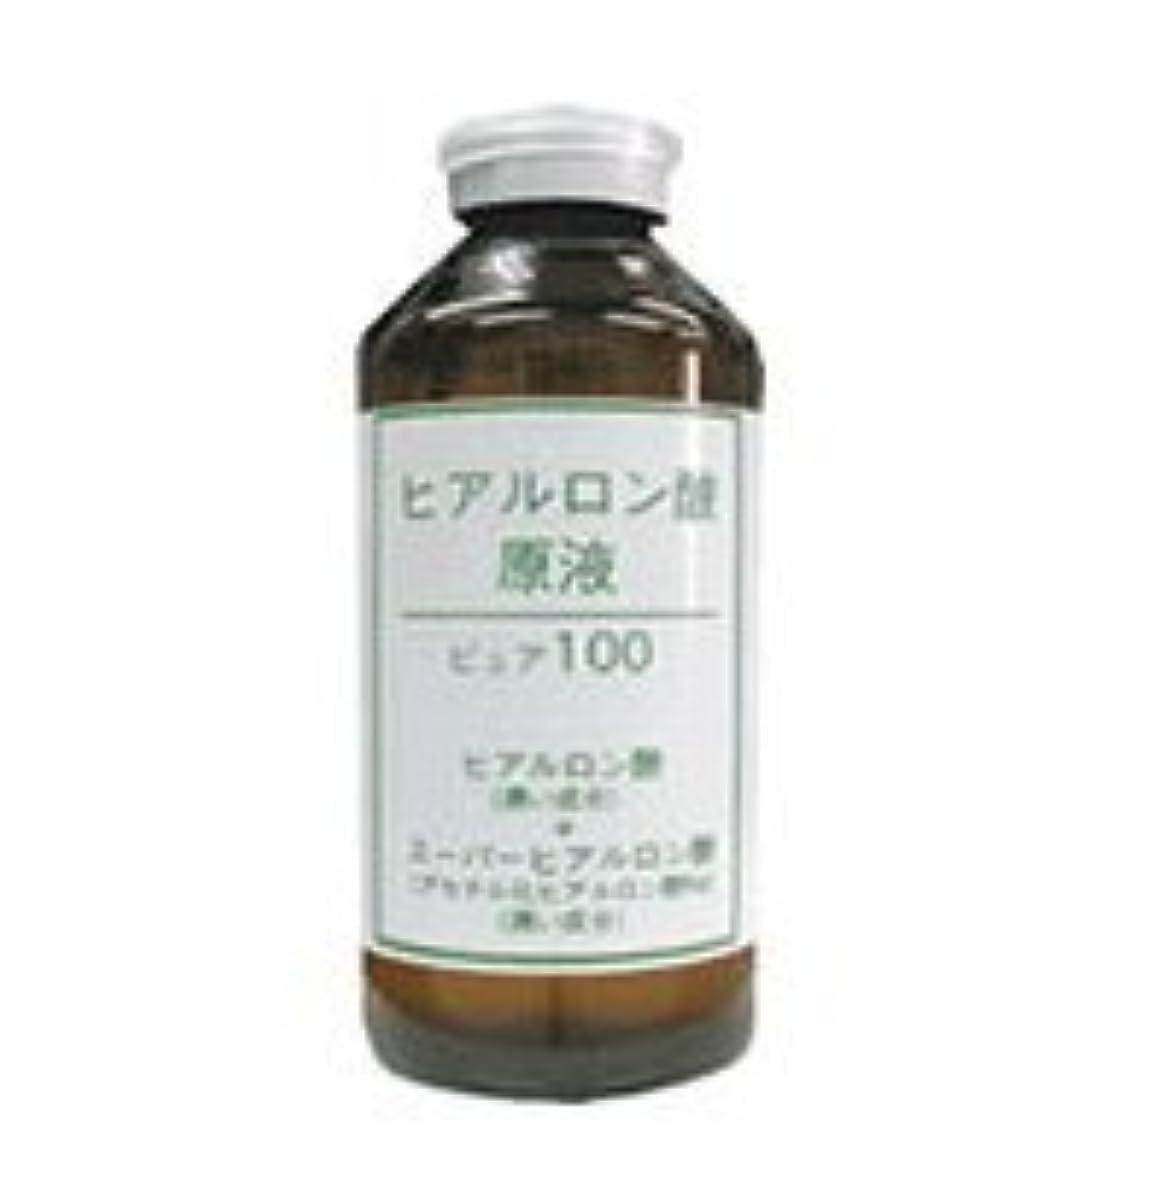 近所の差別化するメロディーヒアルロン酸原液 ピュアエッセンス 55ml  ヒアルロン酸+スーパーヒアルロン酸